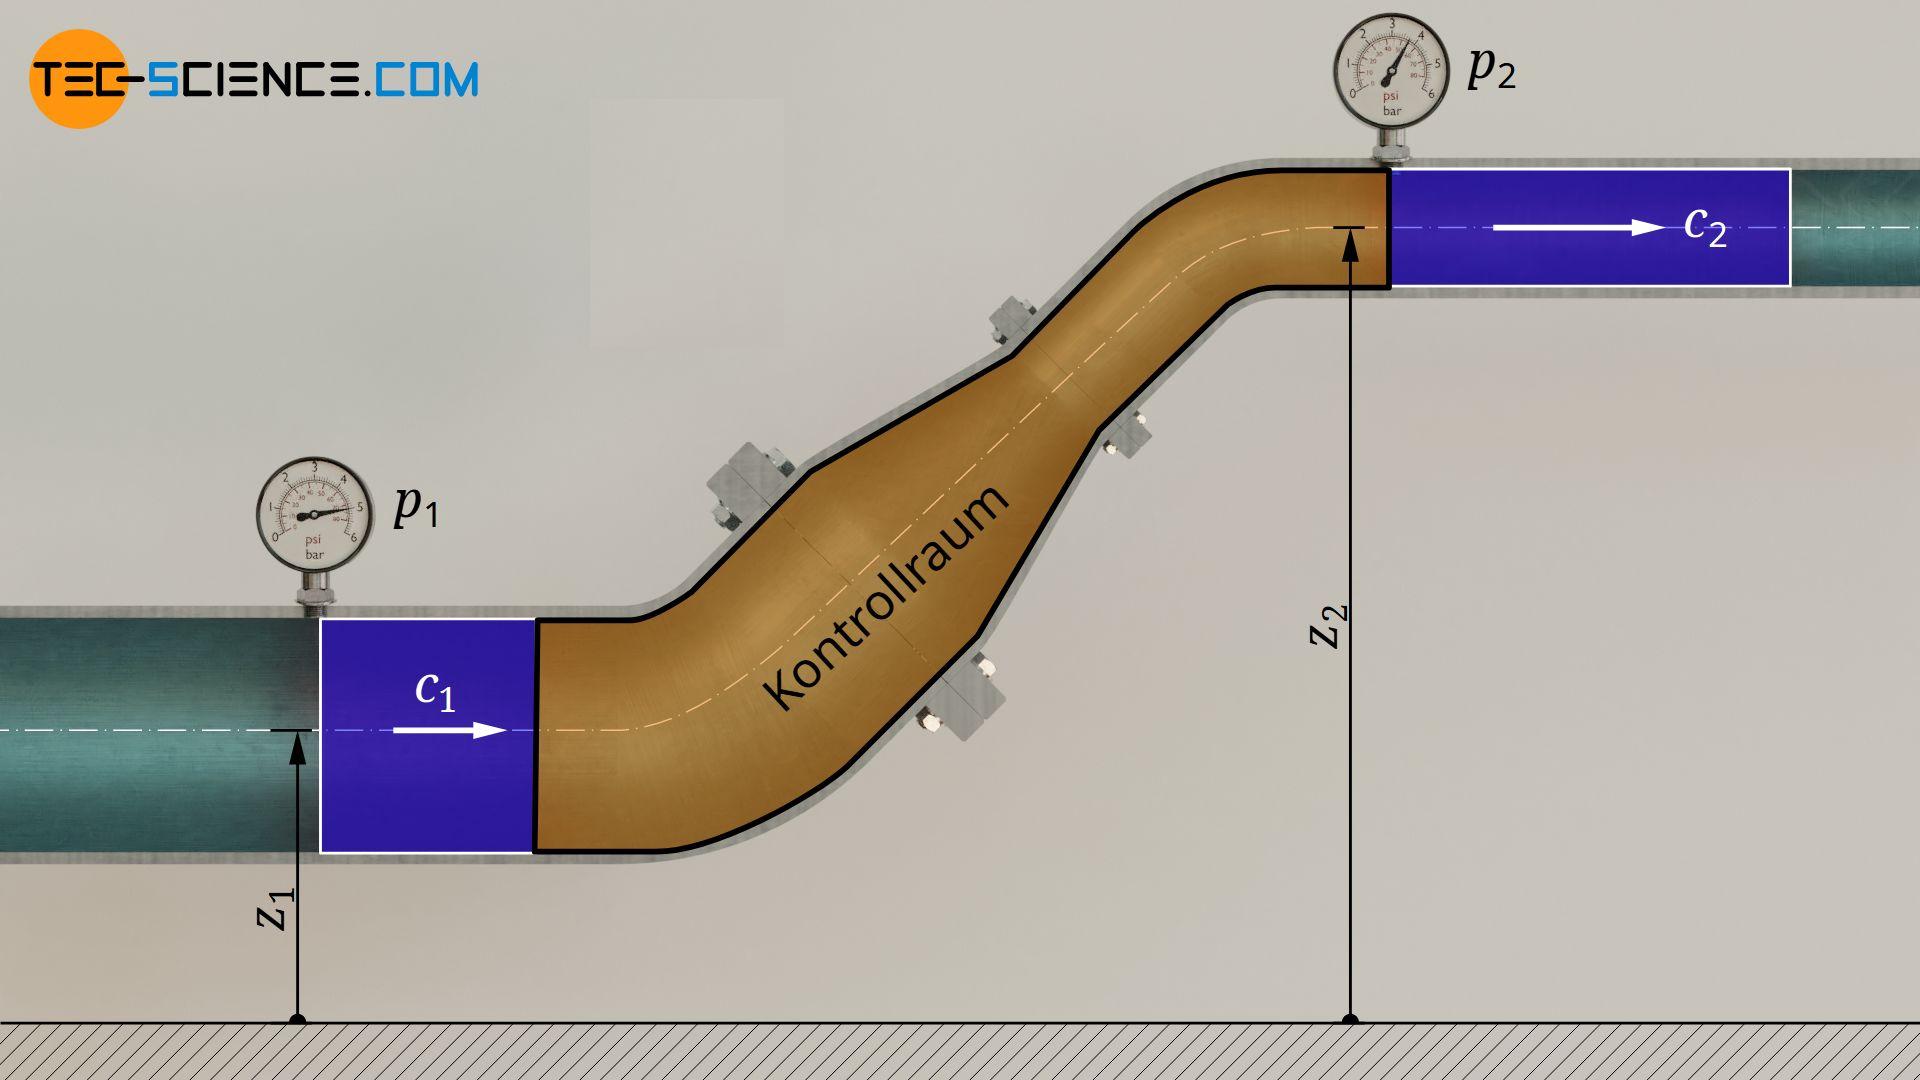 Herleitung der Bernoulli-Gleichung aus dem ersten Hauptsatz der Thermodynamik für offene Systeme